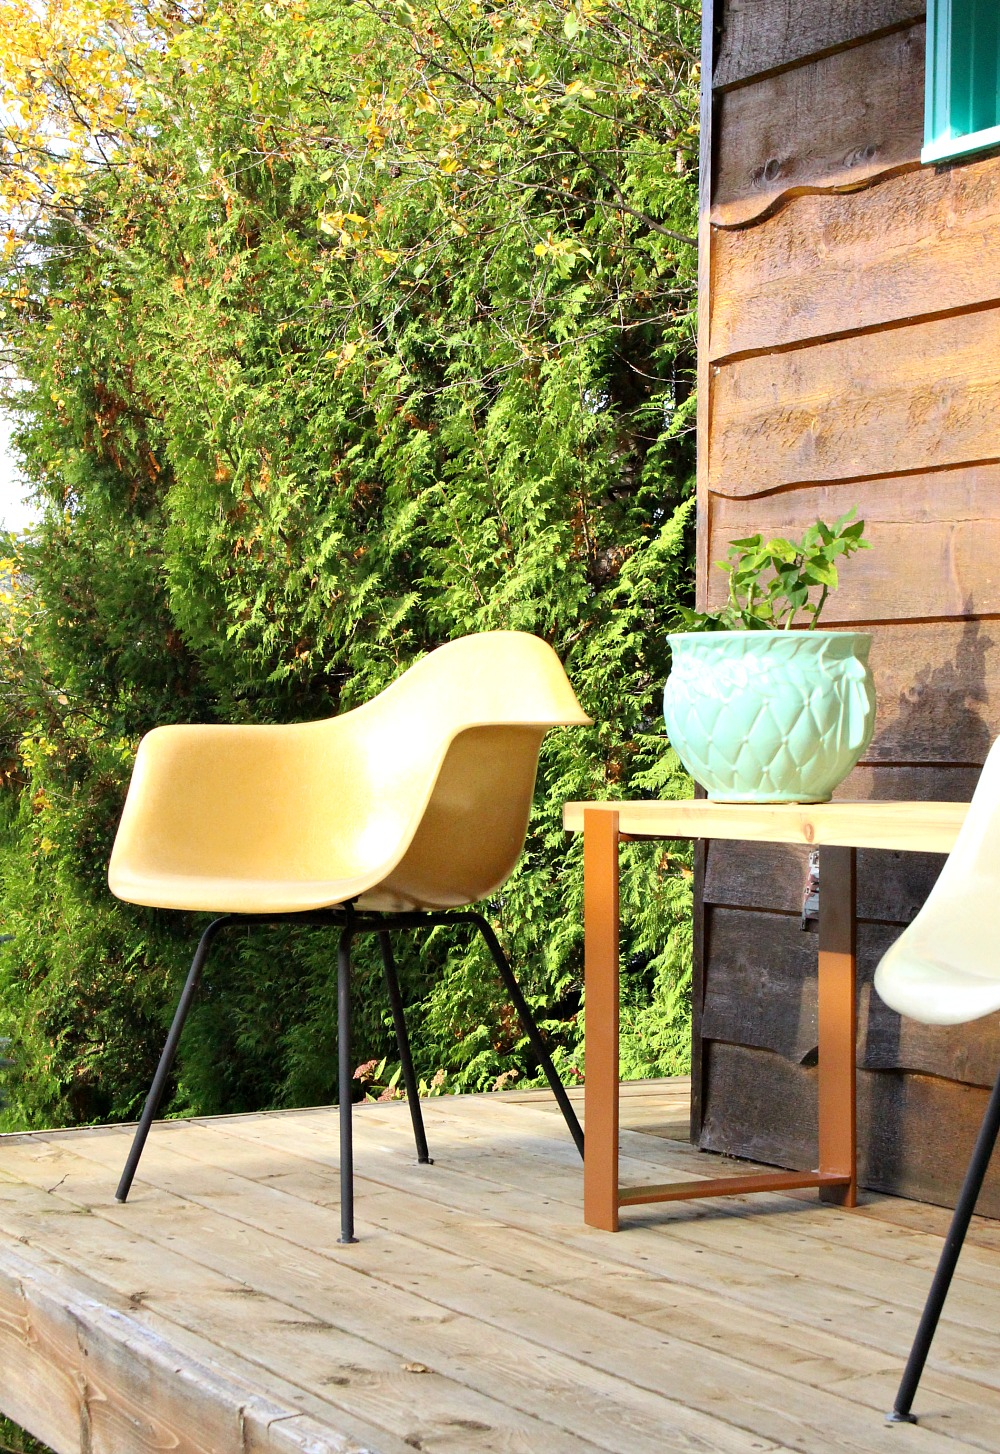 DIY 2x4 Wood Outdoor Bench With Welded H Legs